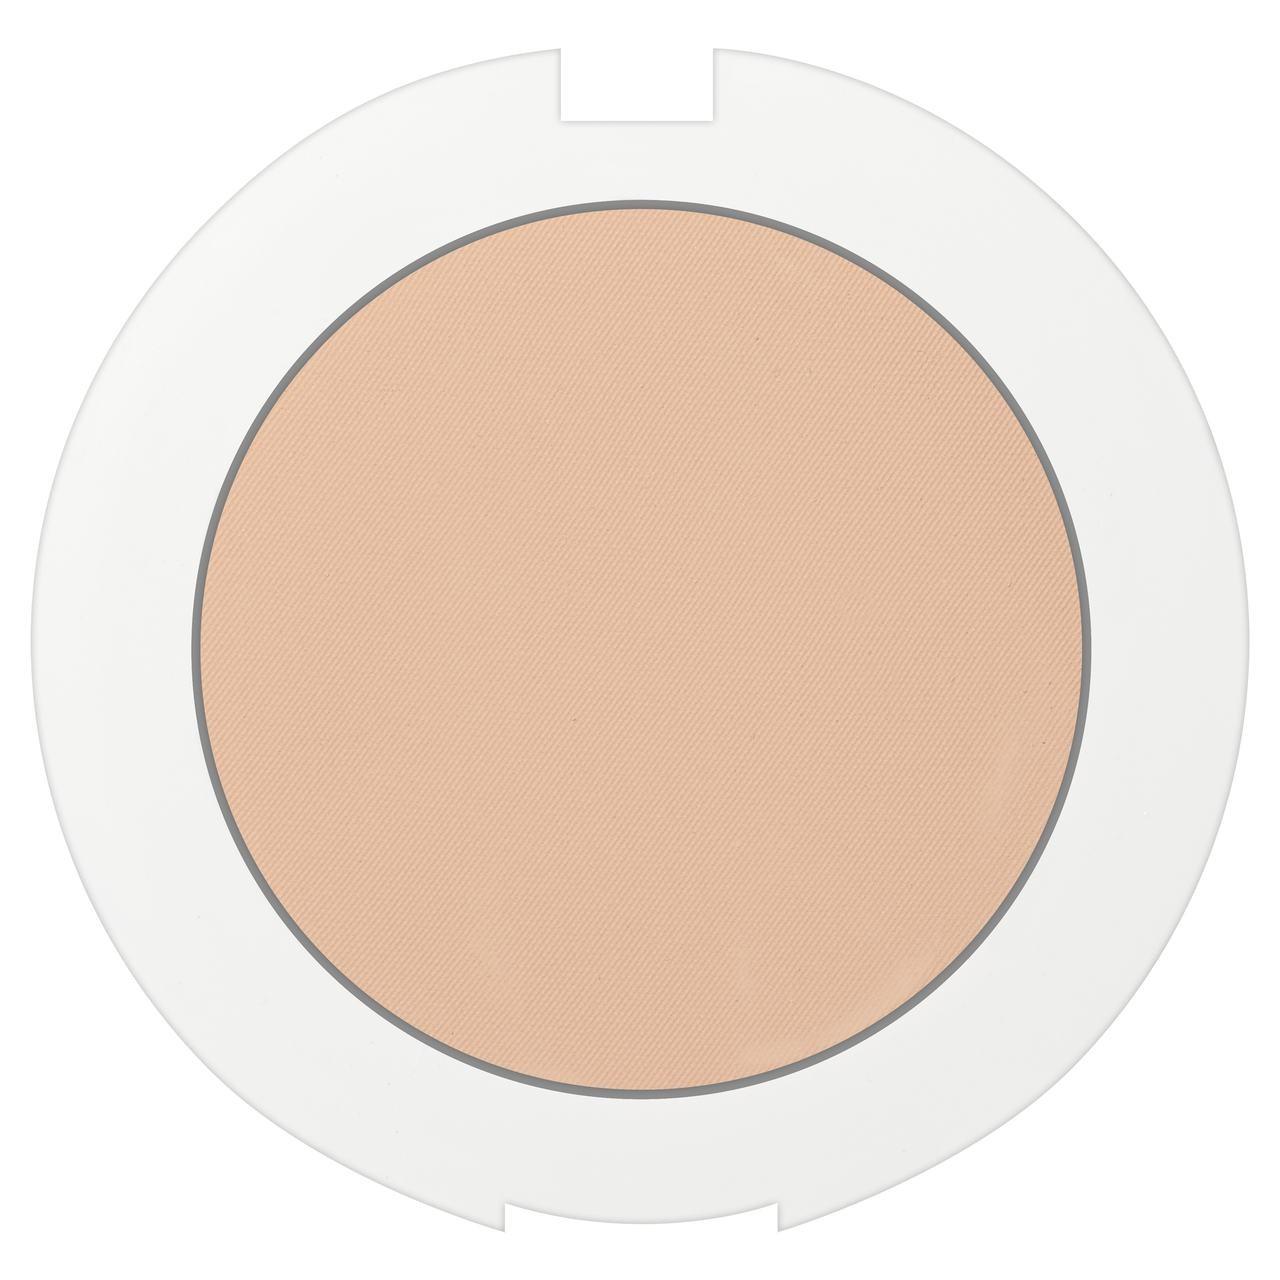 Maybelline - Pó Compacto -  21 - Nude